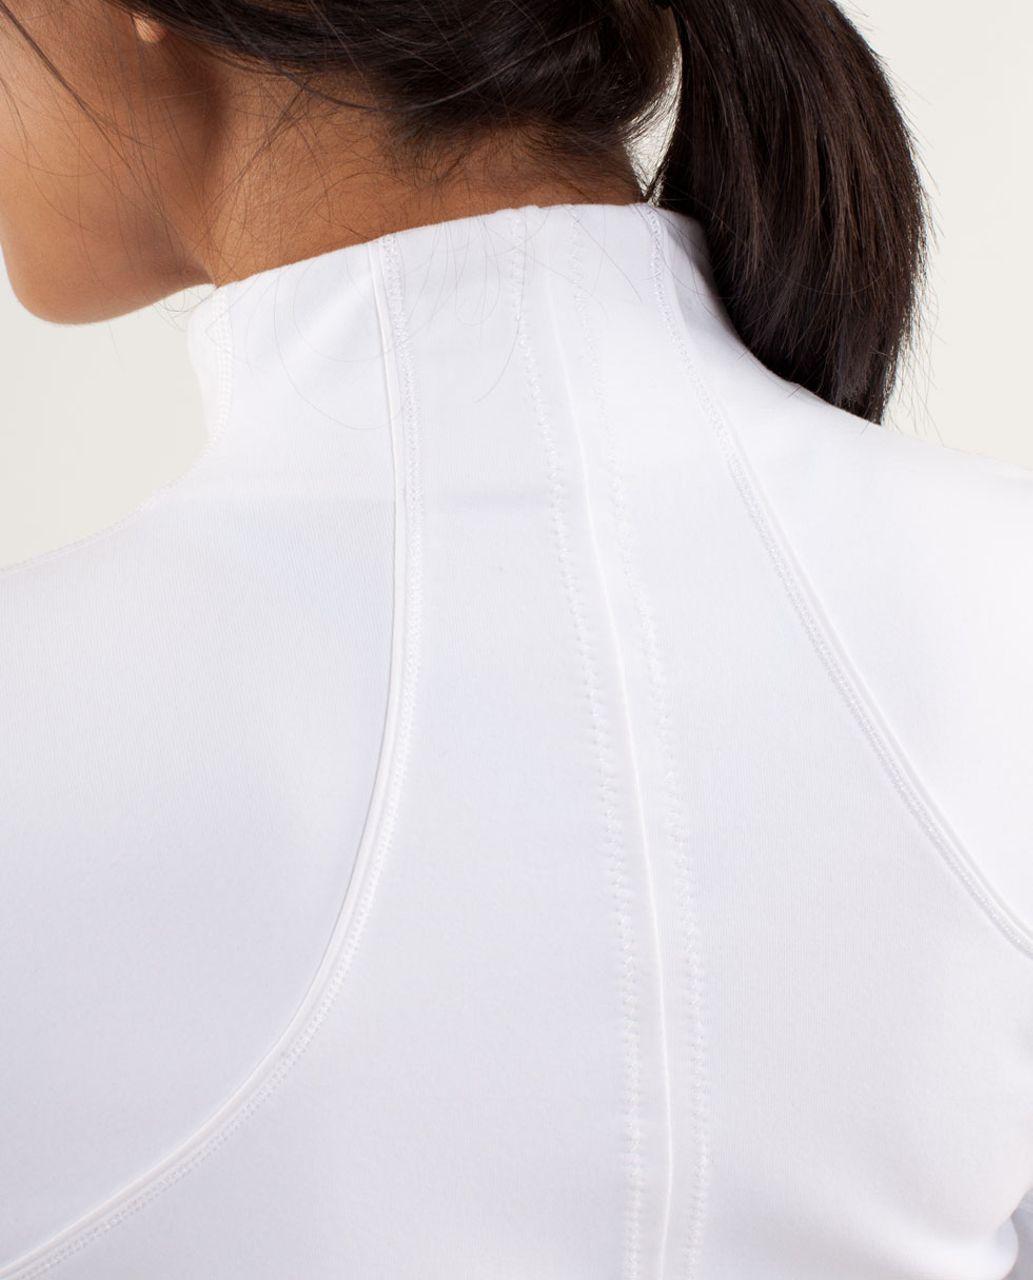 Lululemon Forme Jacket - White